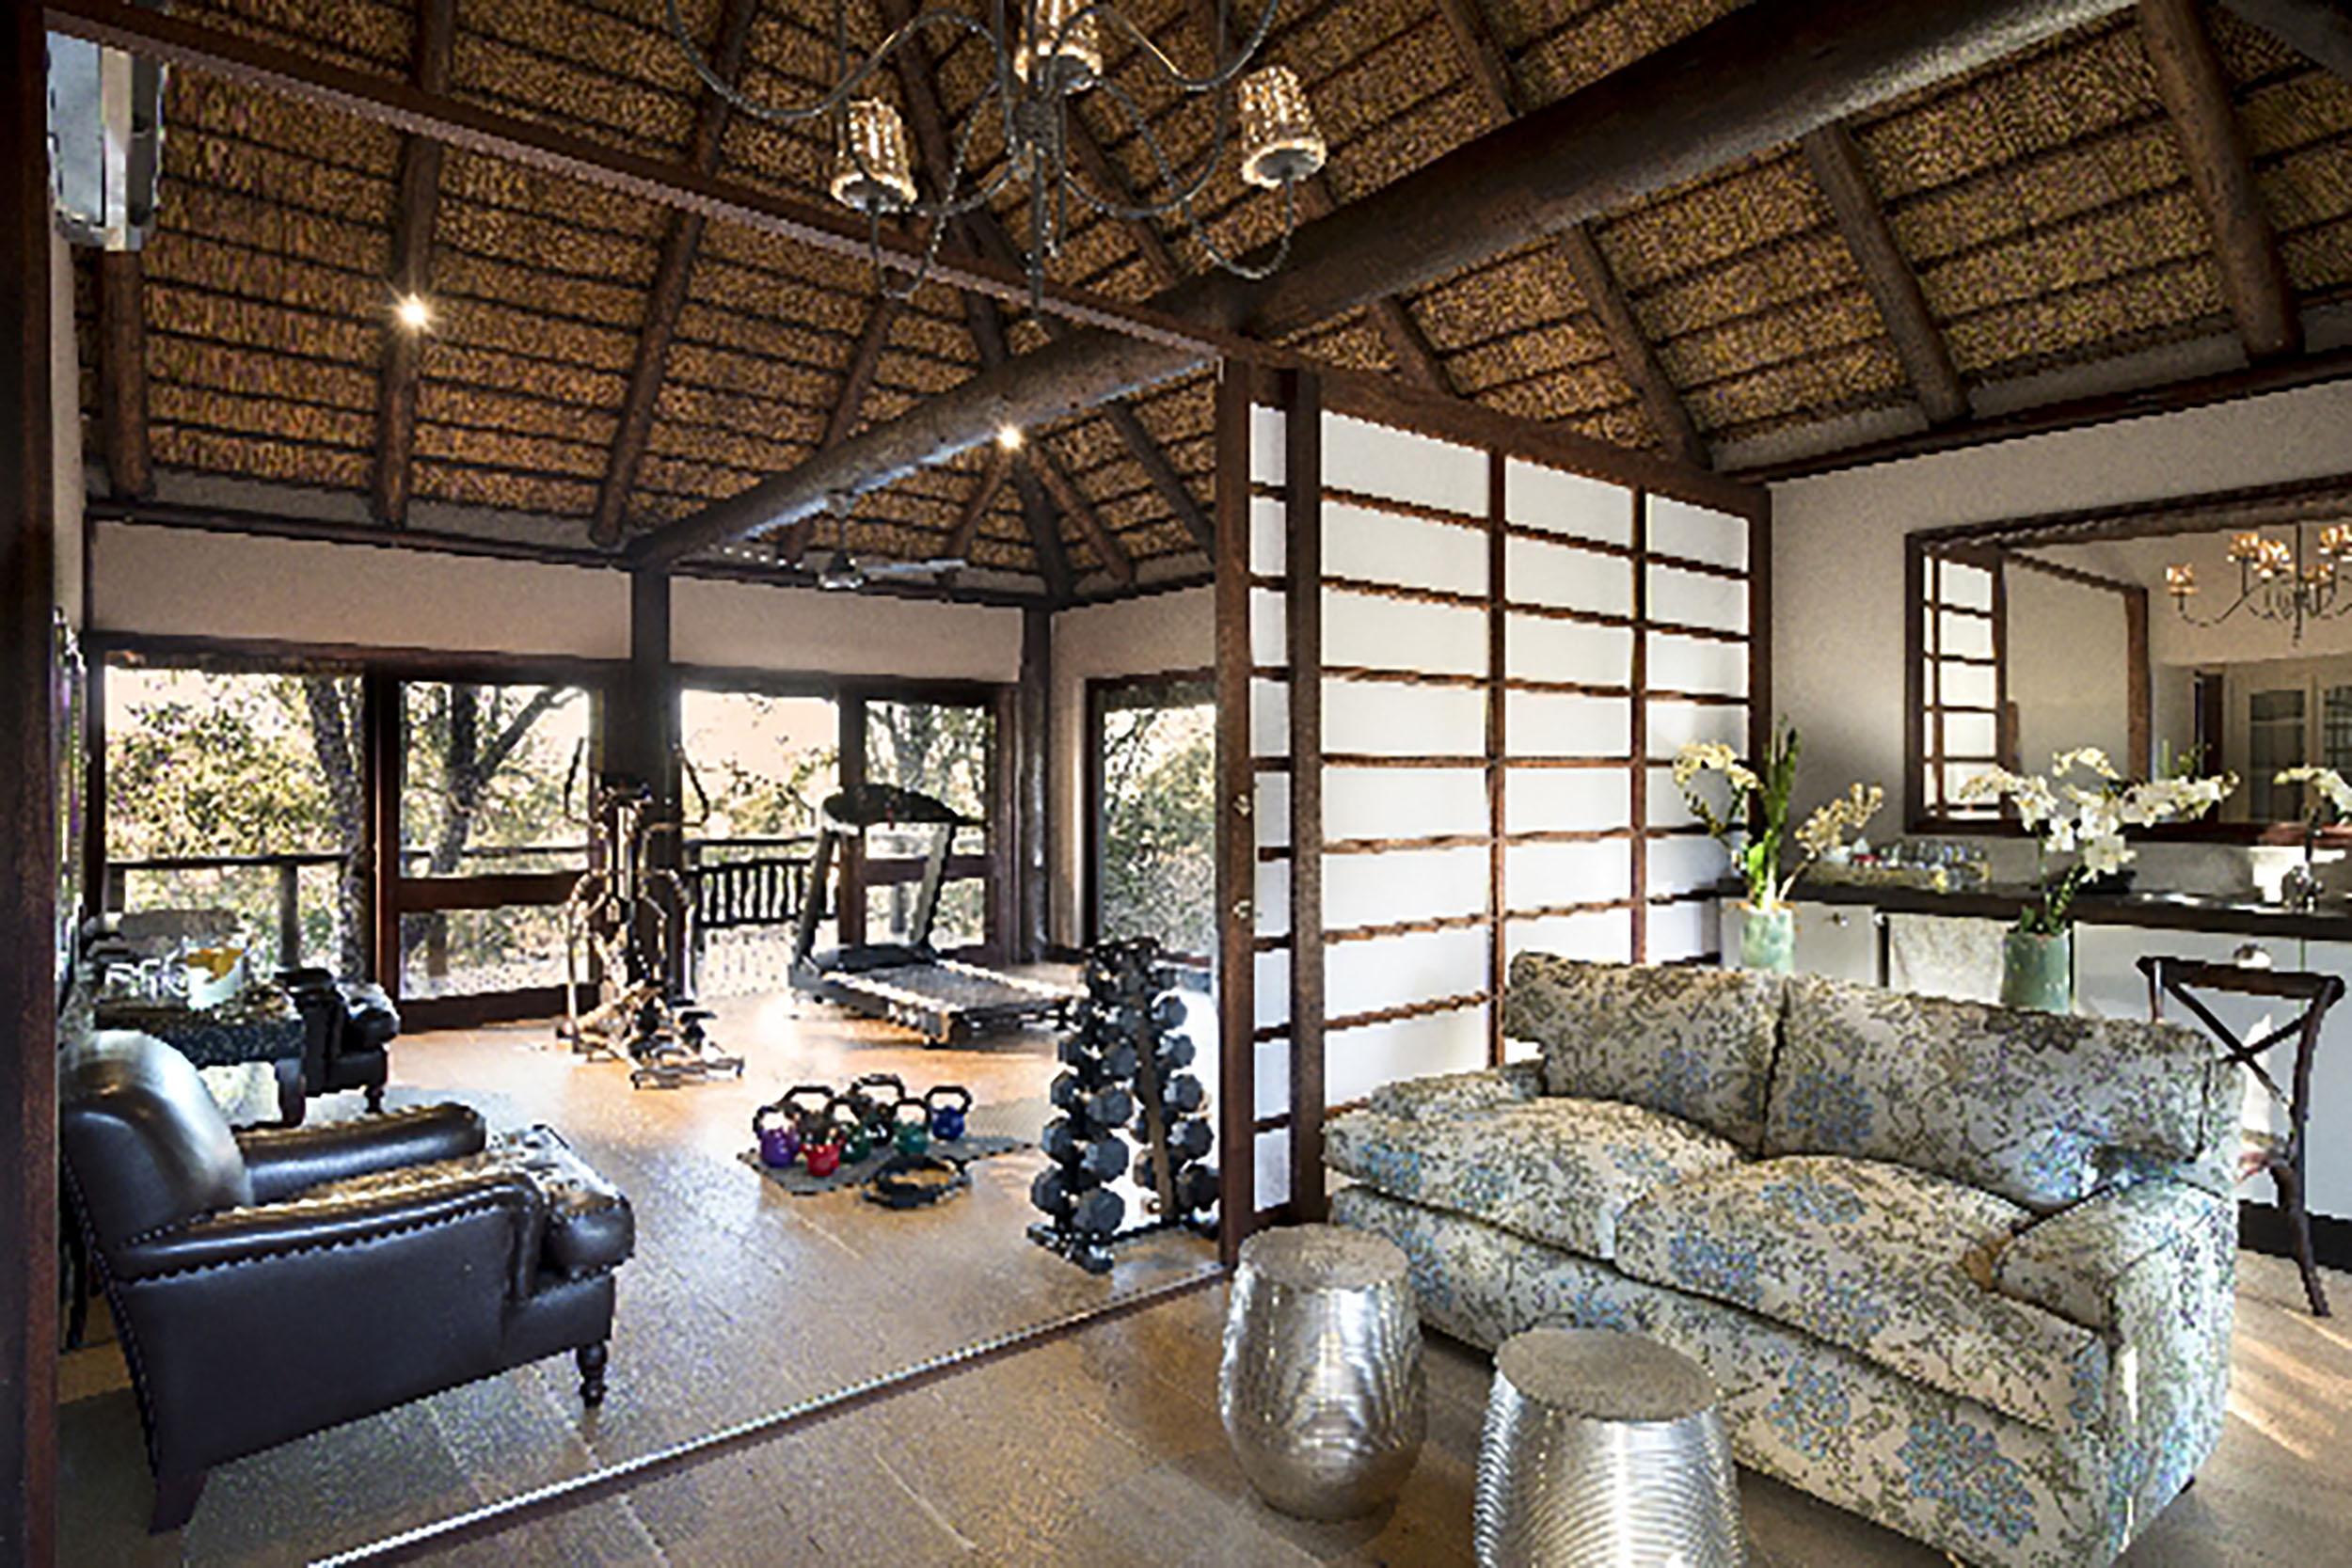 andBeyond-Ngala-Safari-lodge-Gym.jpg